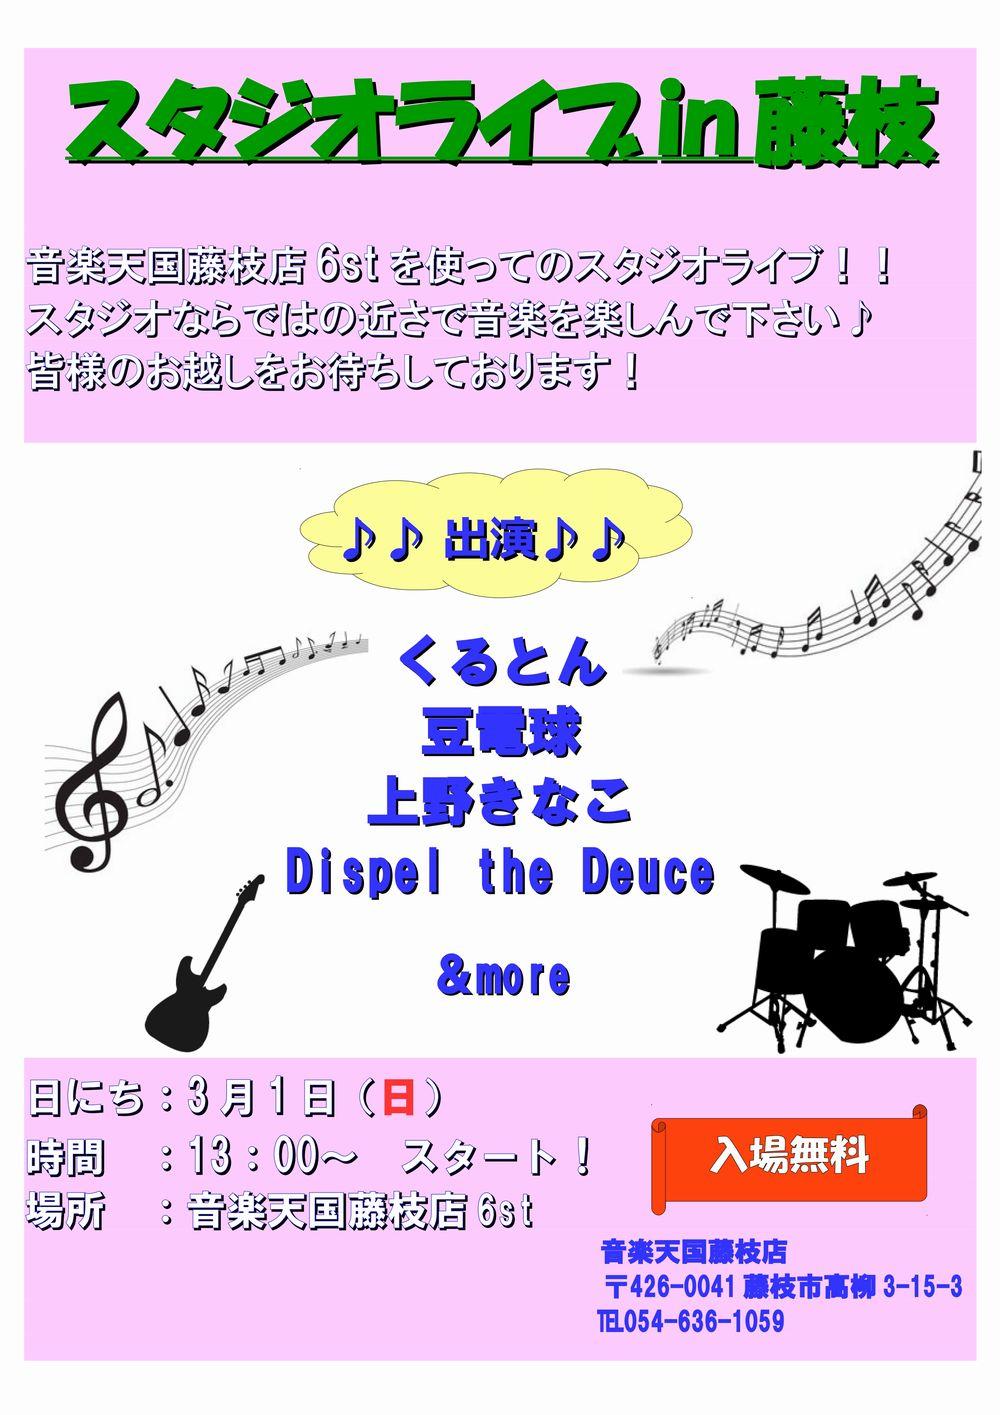 【スタジオライブ】@音楽天国・藤枝店3月1日(日)開催!